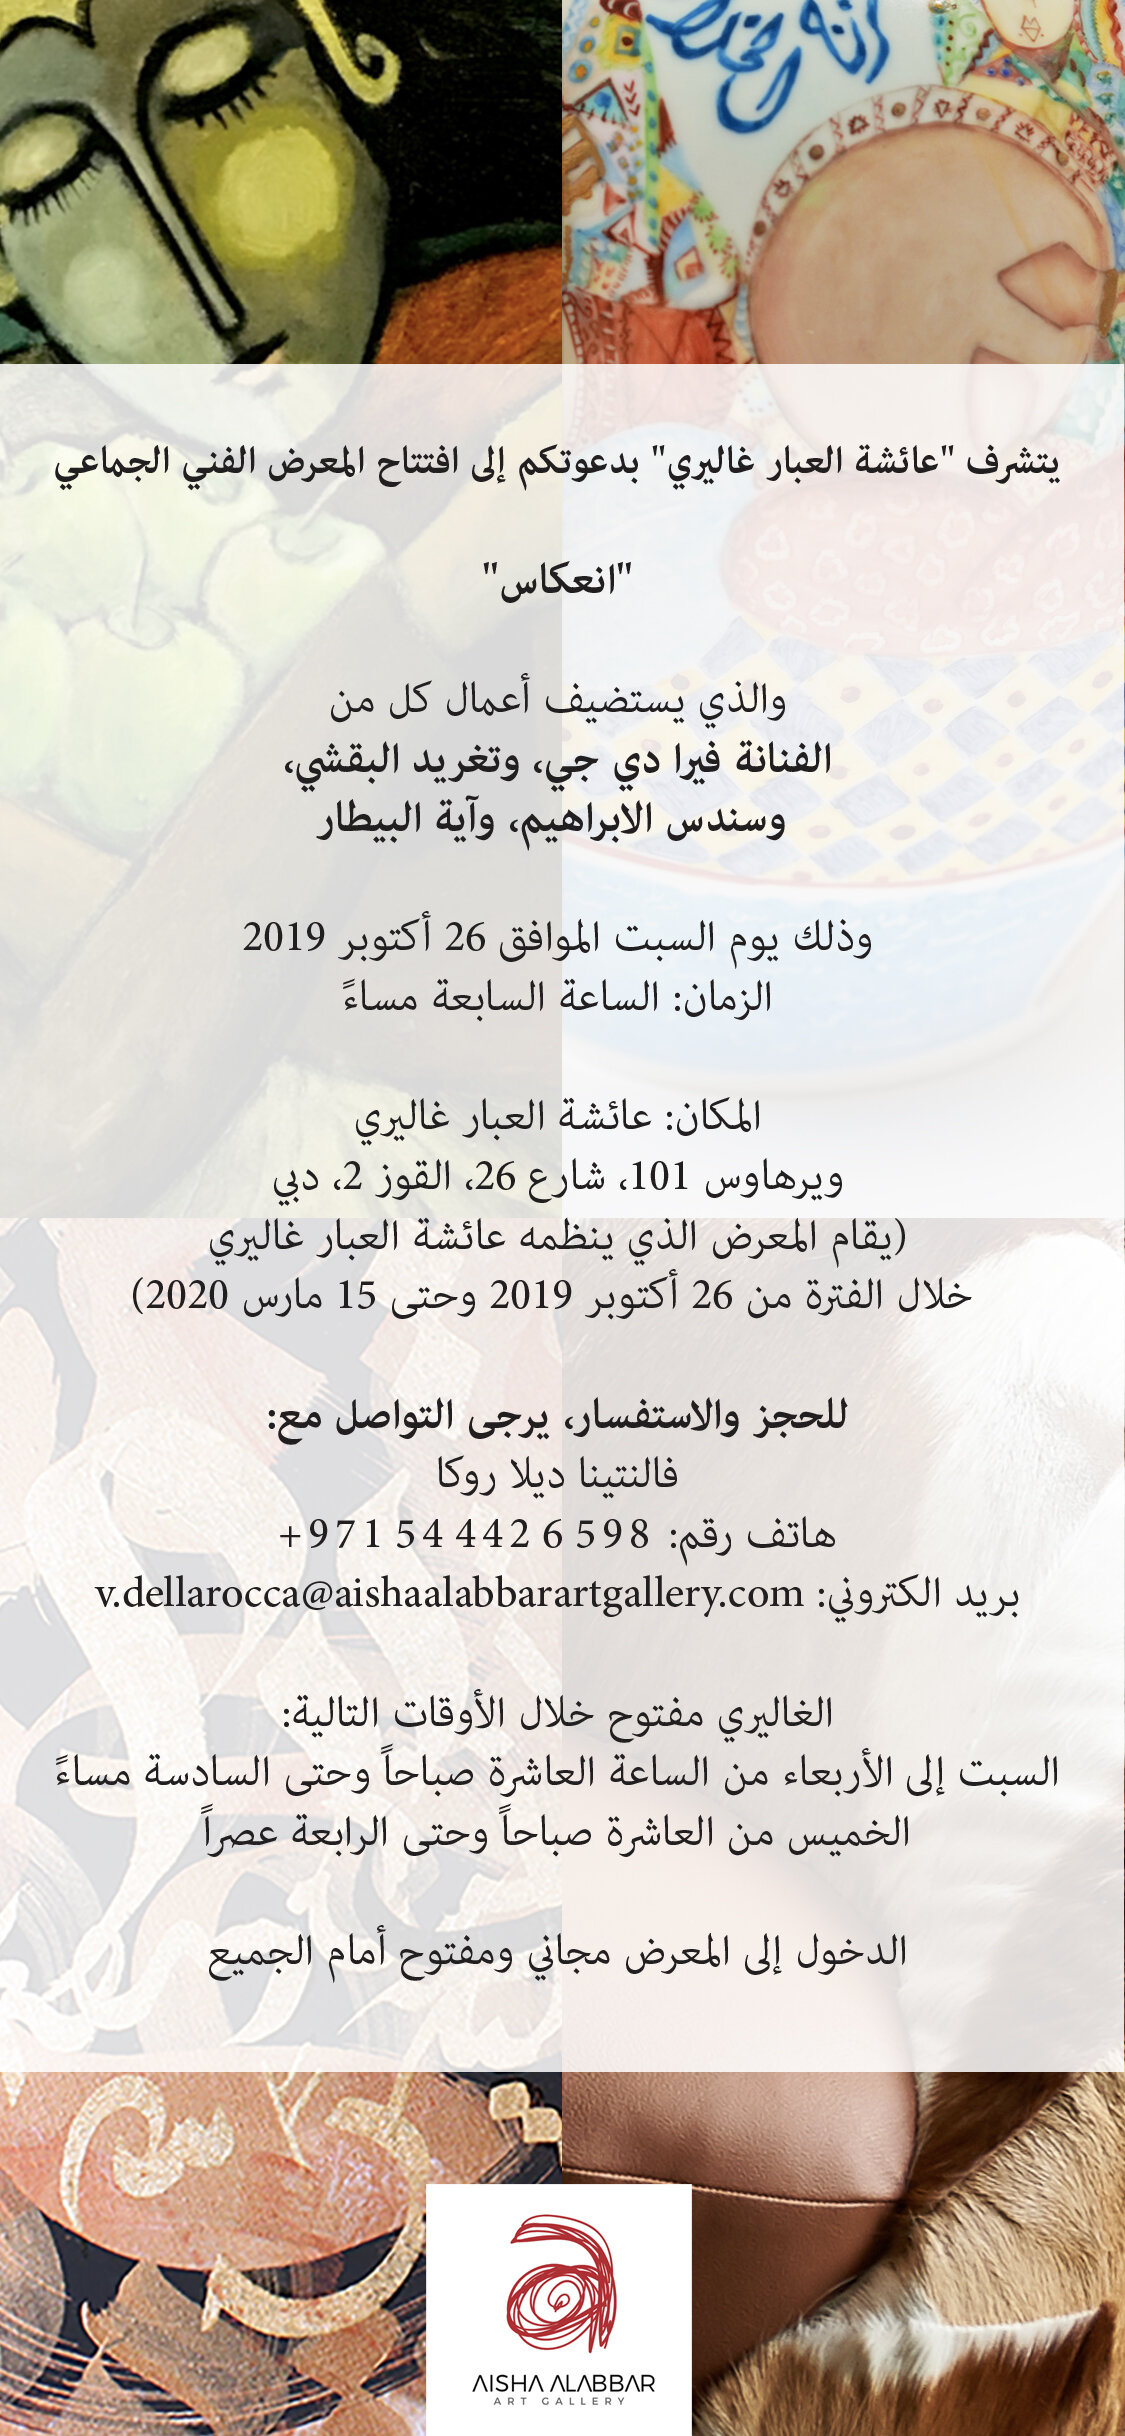 d1_arabic.jpg